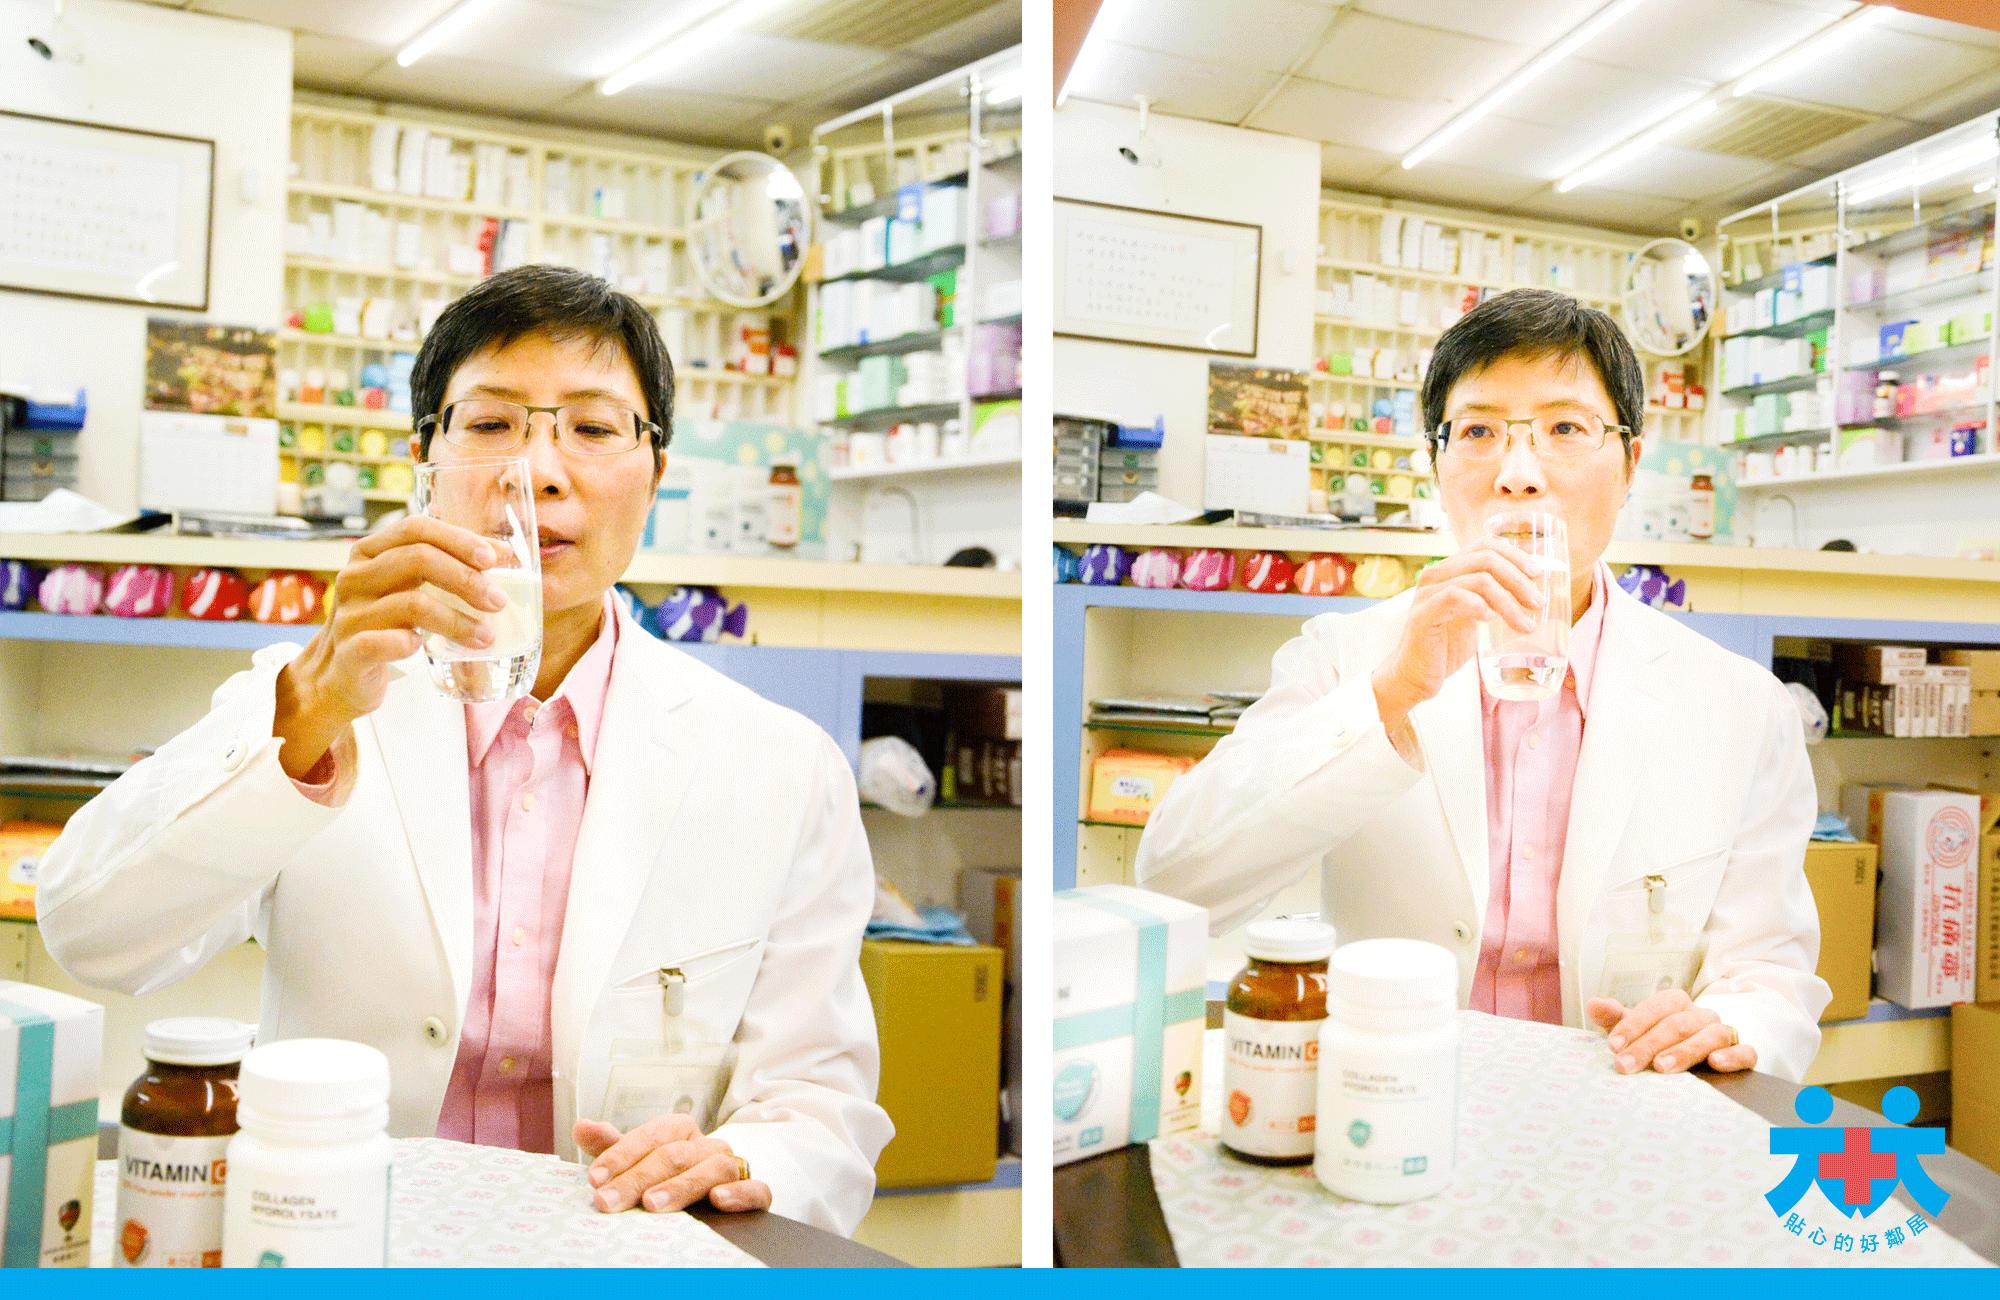 洪秋楓藥師指出優質膠原蛋白喝起來無味道,膠原蛋白,水解膠原蛋白推薦